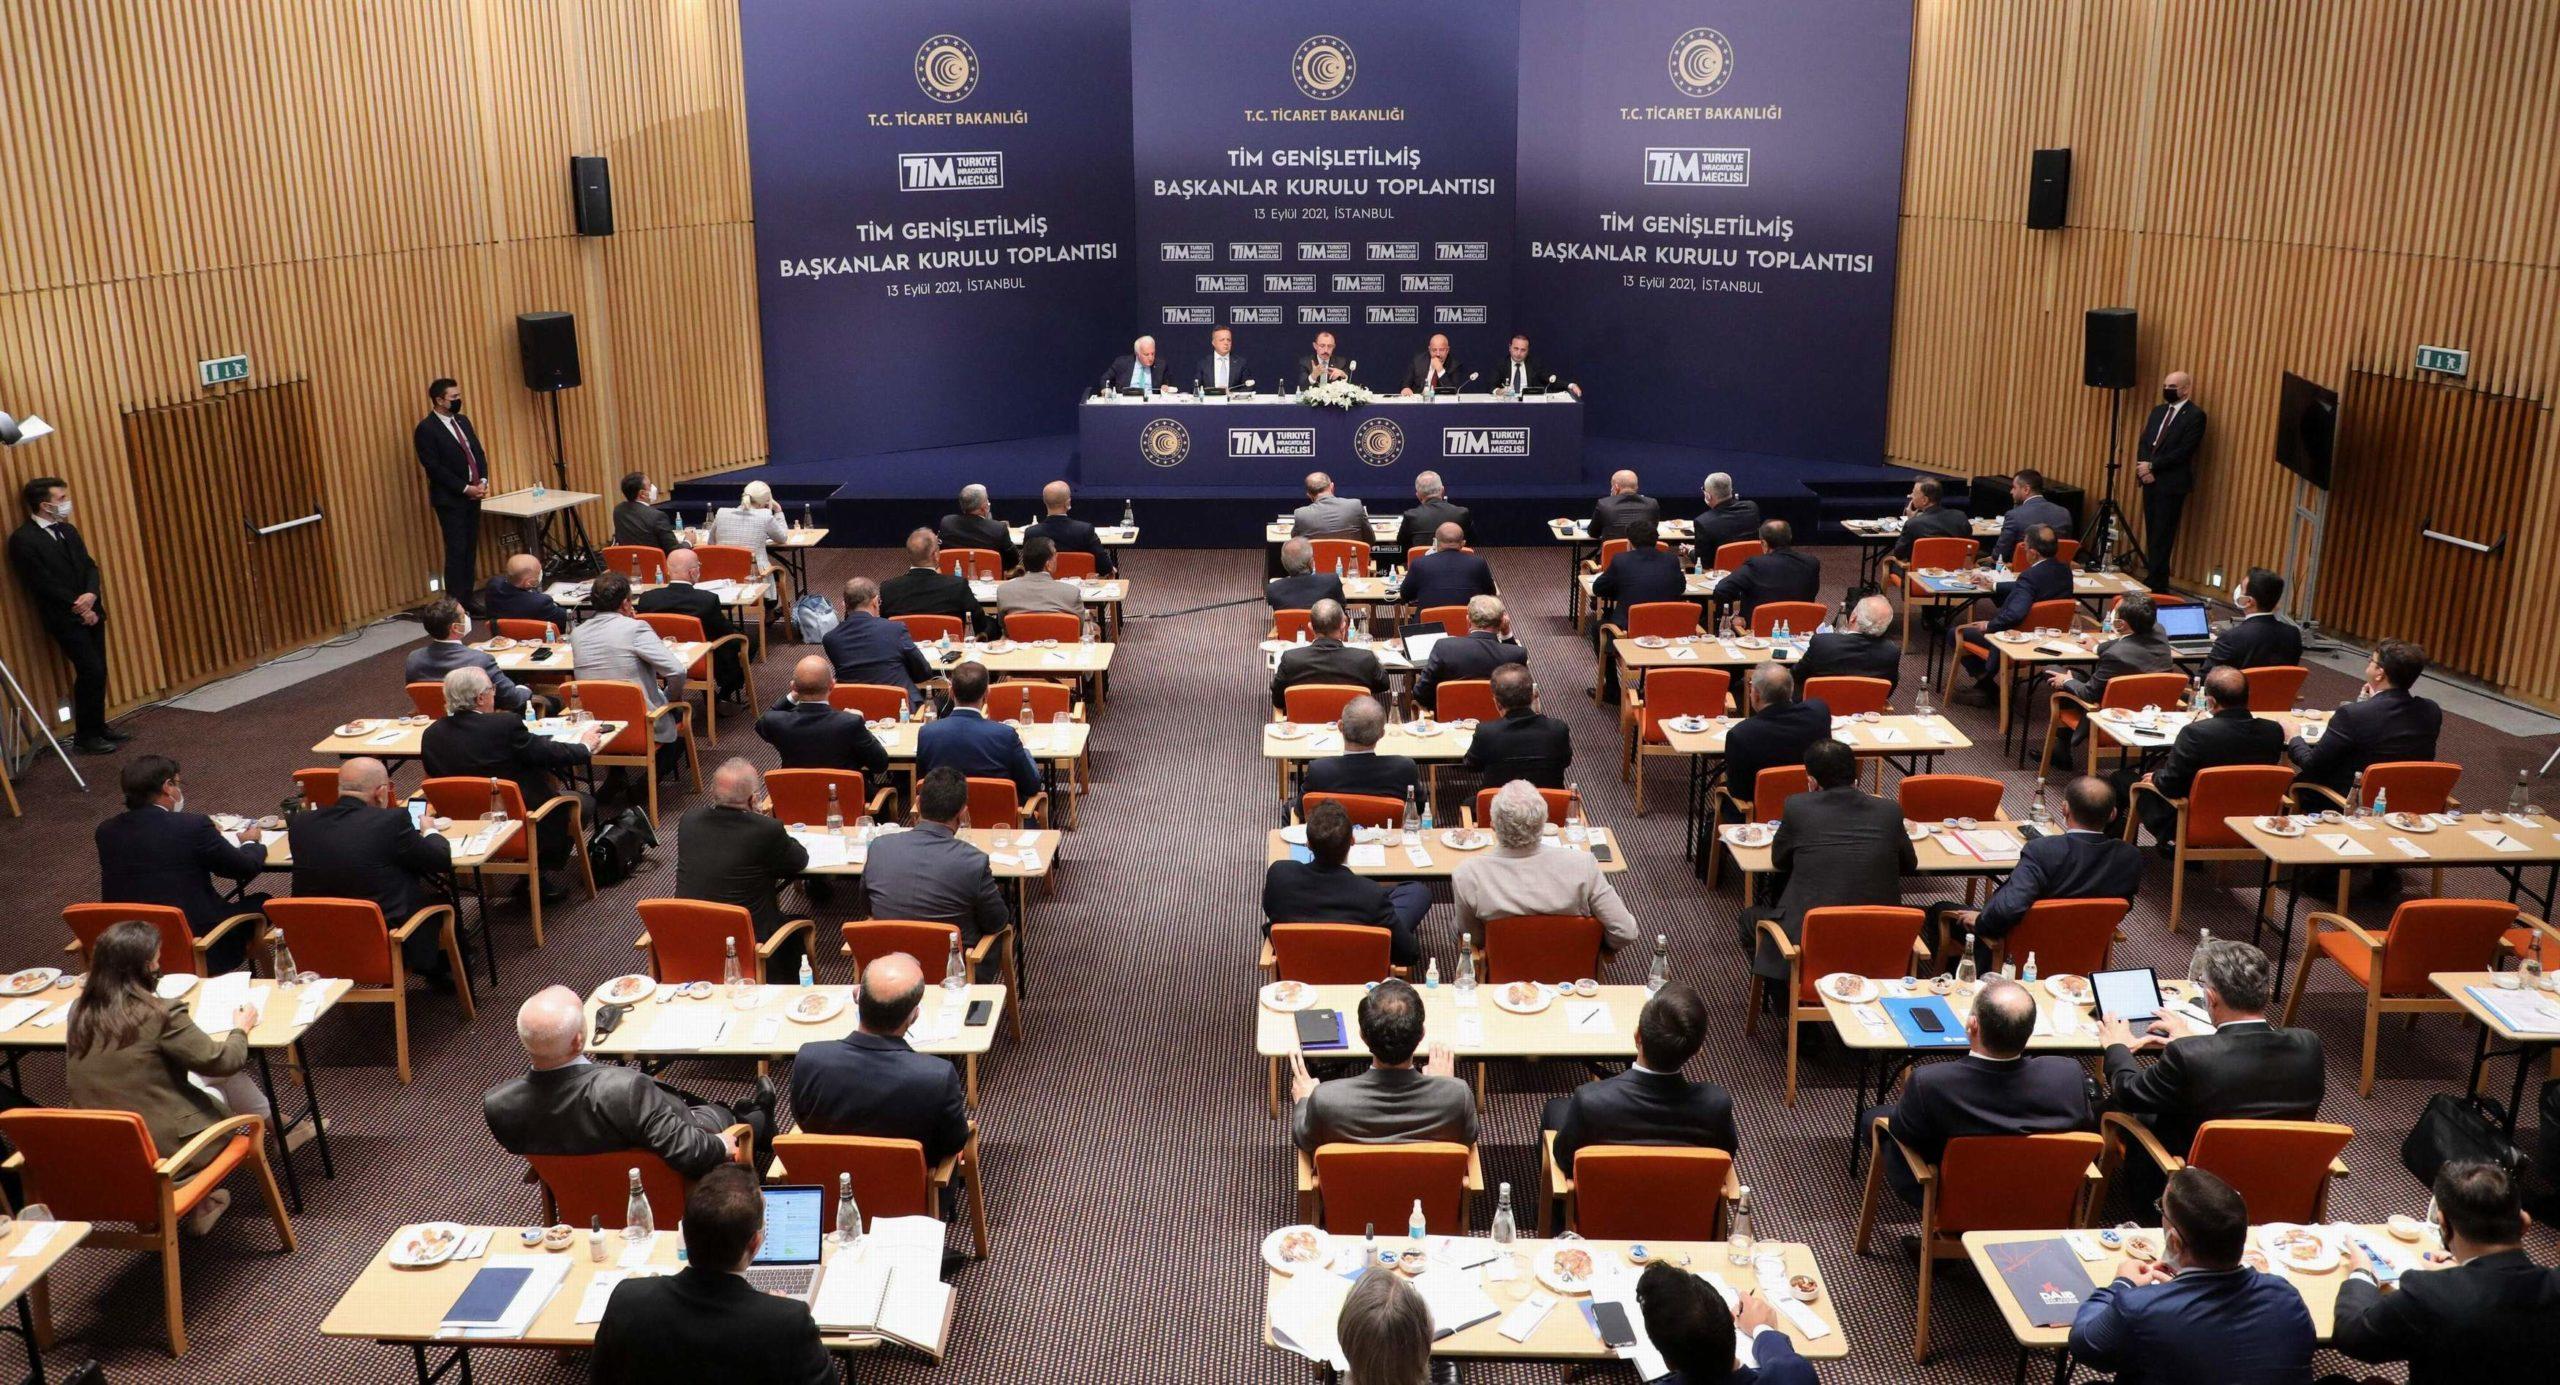 TİM Genişletilmiş Başkanlar Kurulu Toplantısı